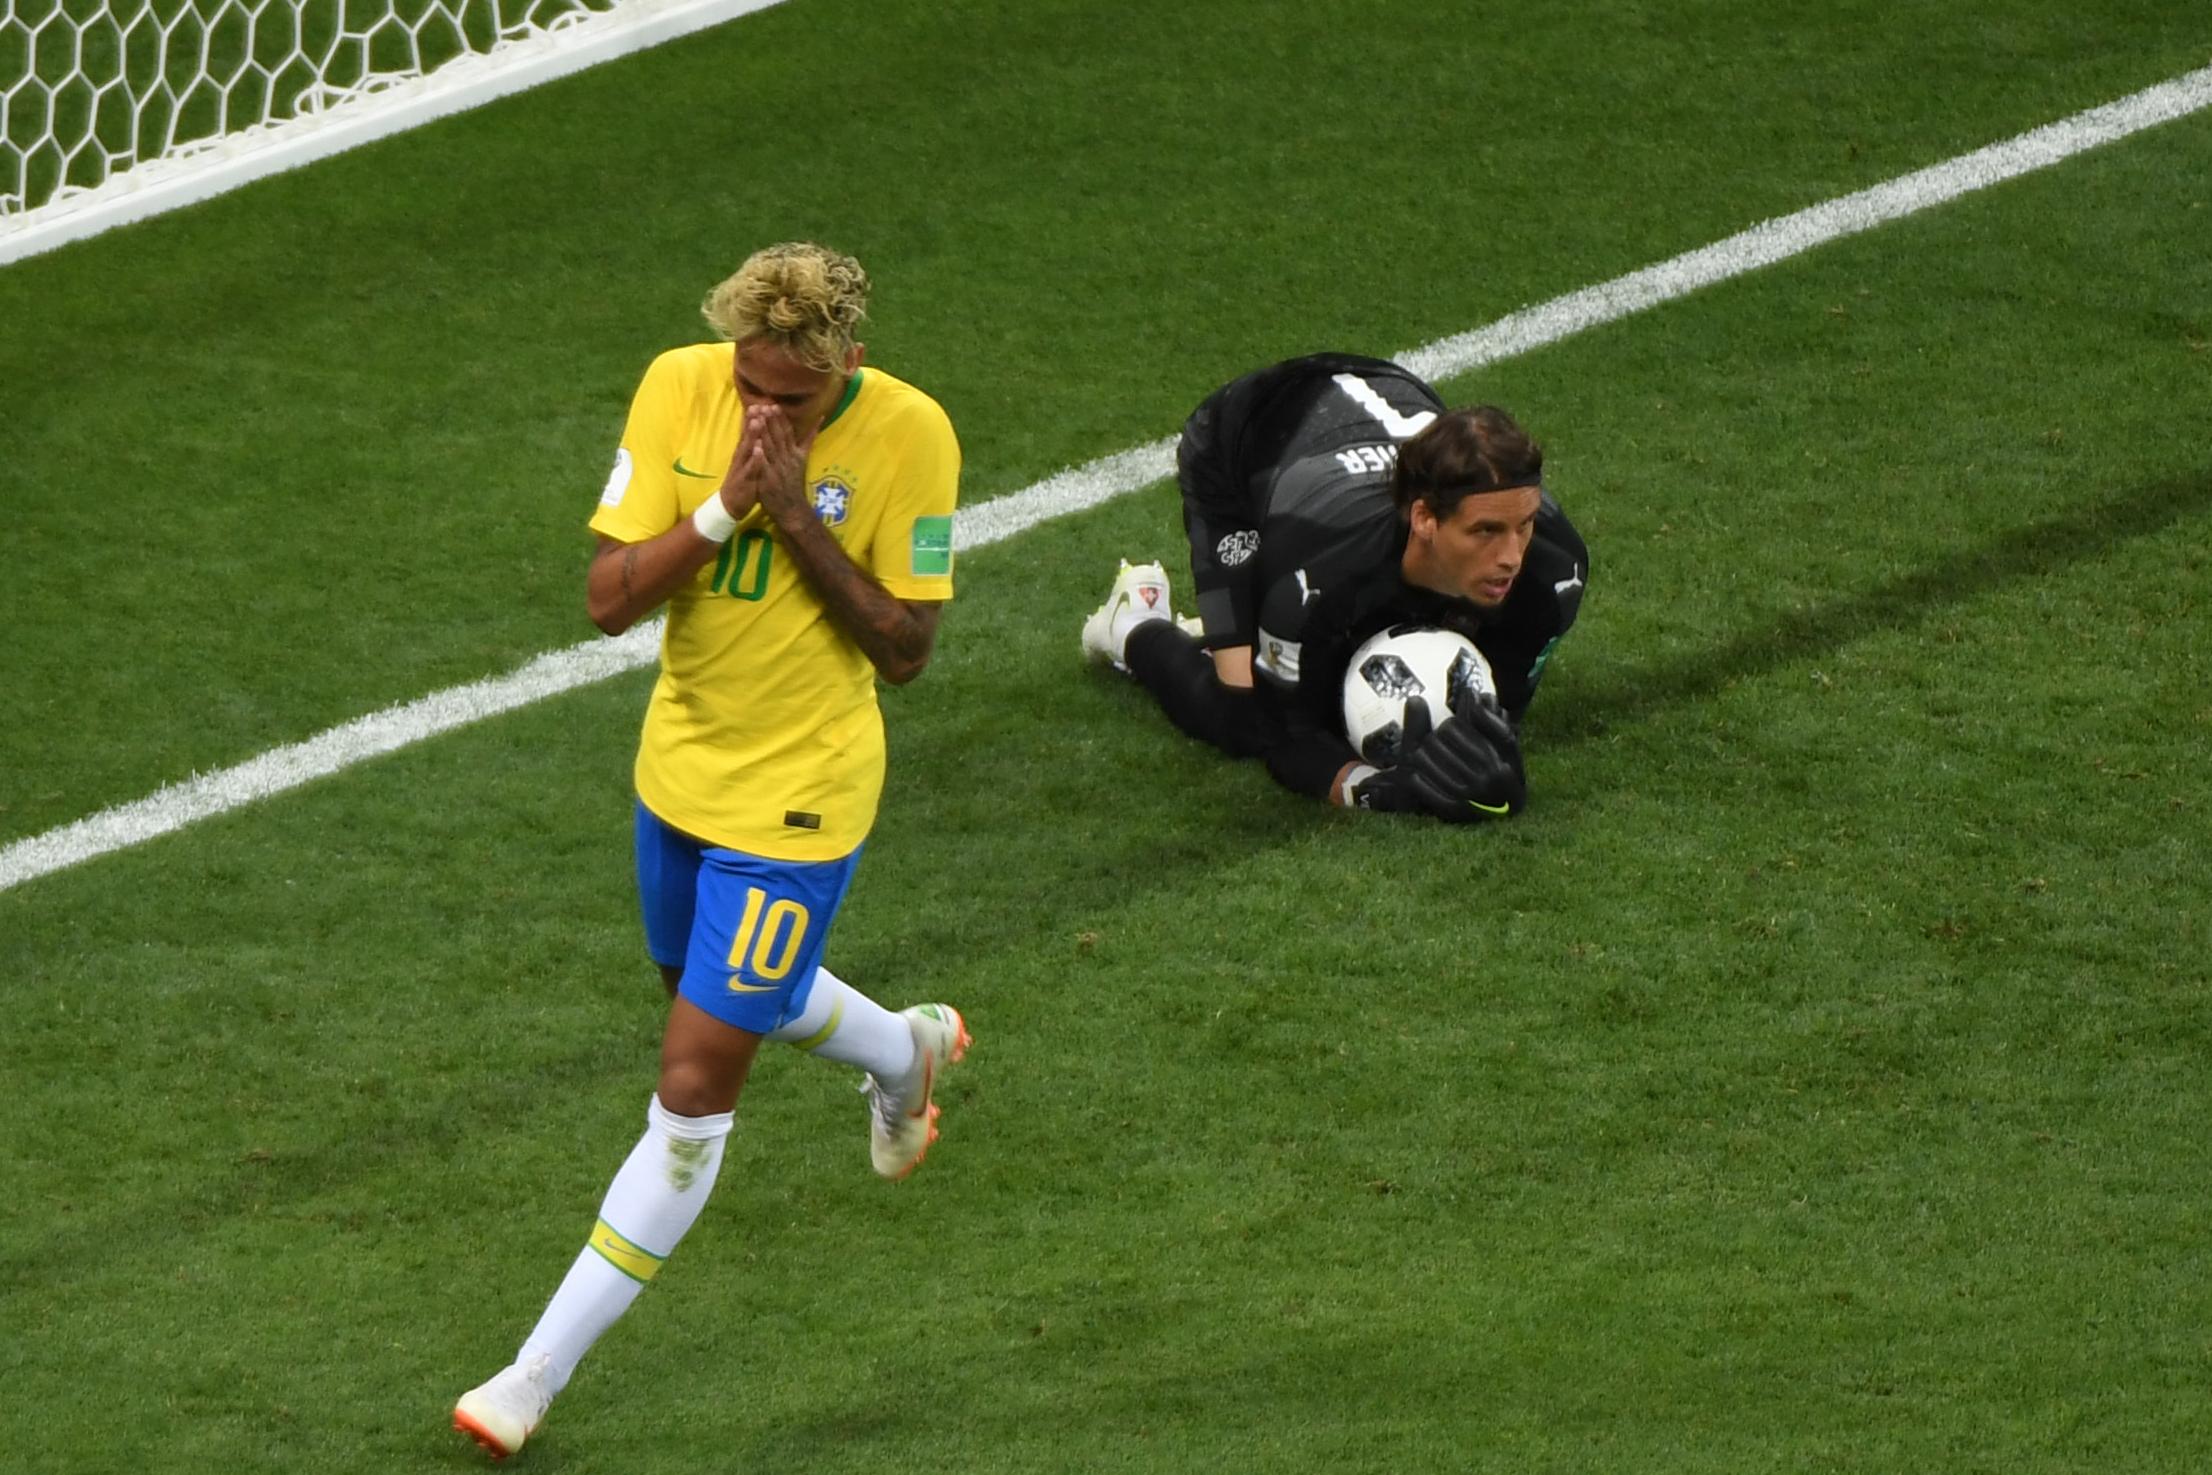 Feltámadt a brazil válogatott, de nem számoltak Svájccal